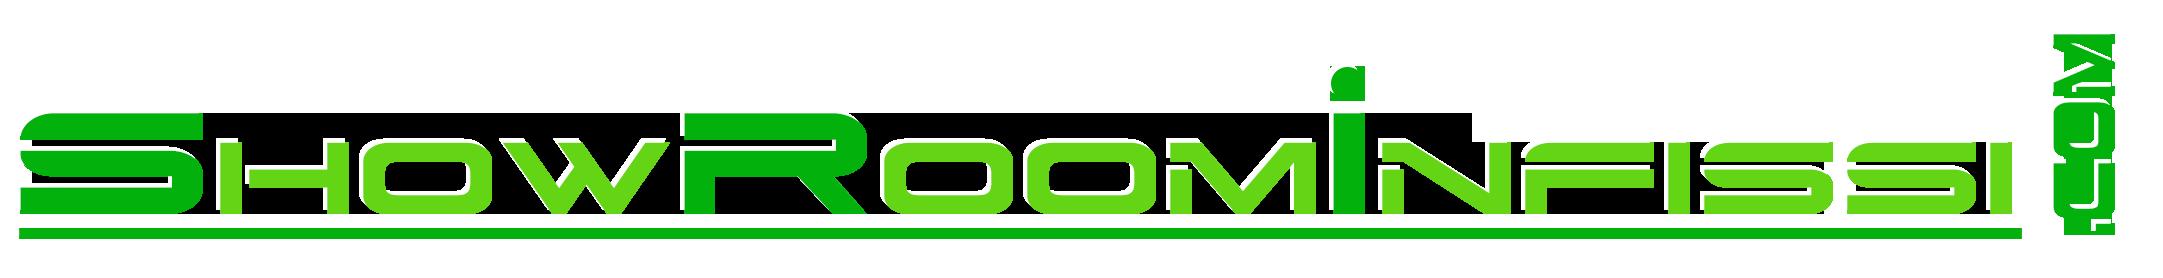 ShowroomInfissi è un azienda che si occupa della produzione ...